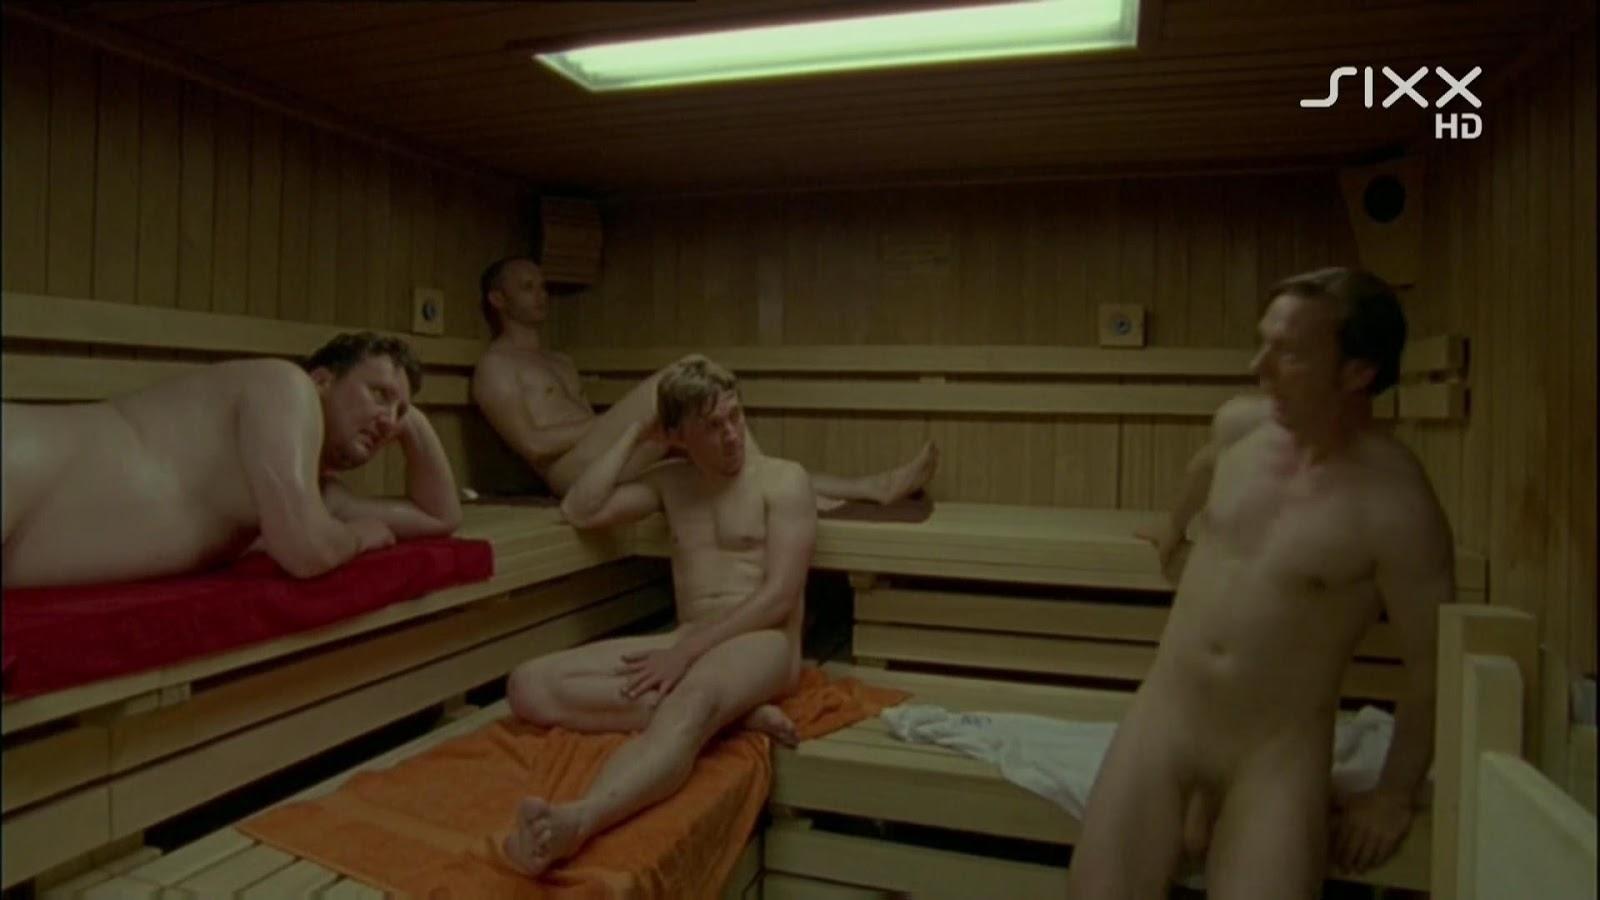 image Show privado en el salon erotico de valencia